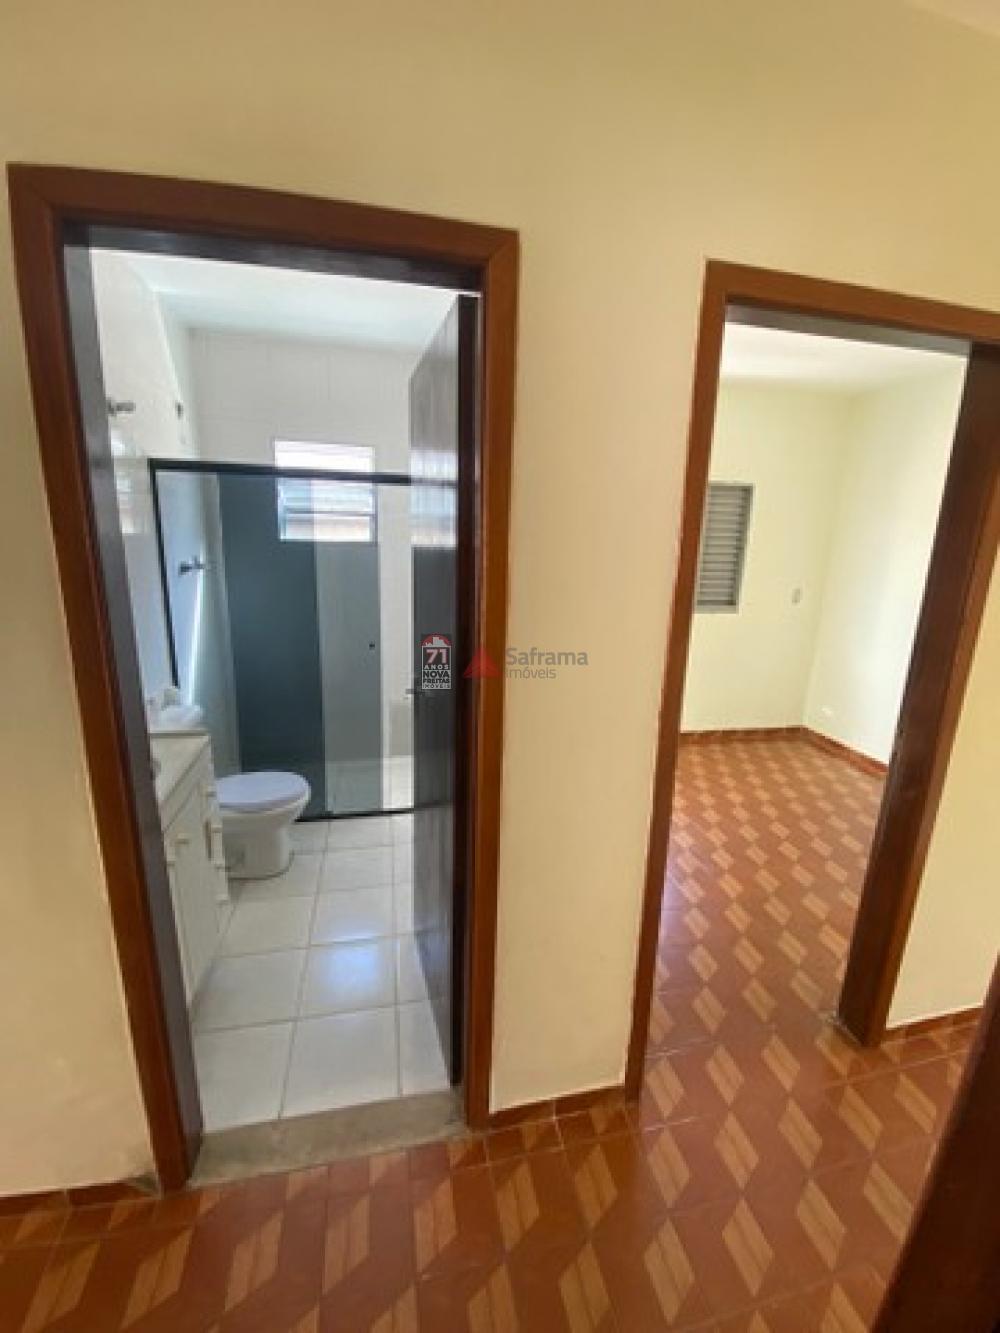 Comprar Casa / Padrão em São José dos Campos R$ 450.000,00 - Foto 8